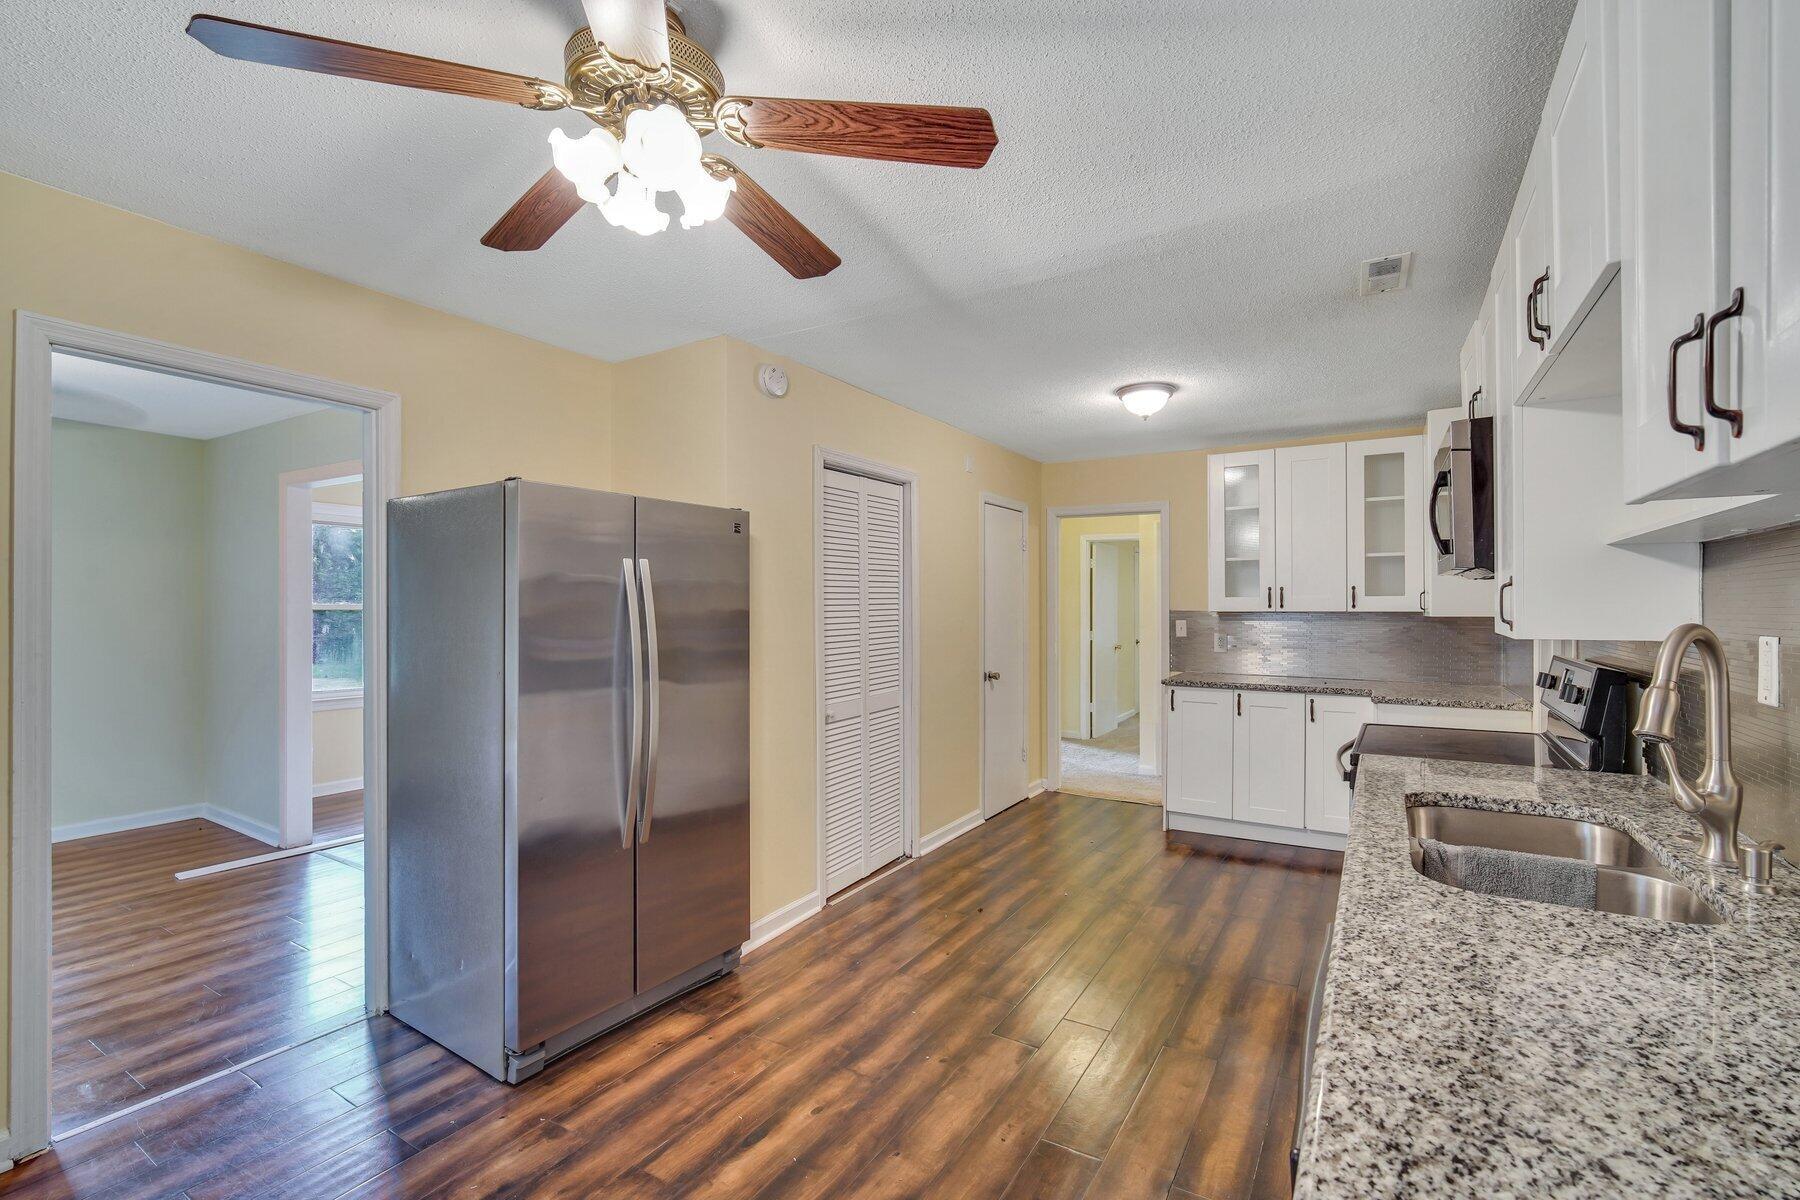 Boulder Bluff Homes For Sale - 428 Annette, Goose Creek, SC - 20